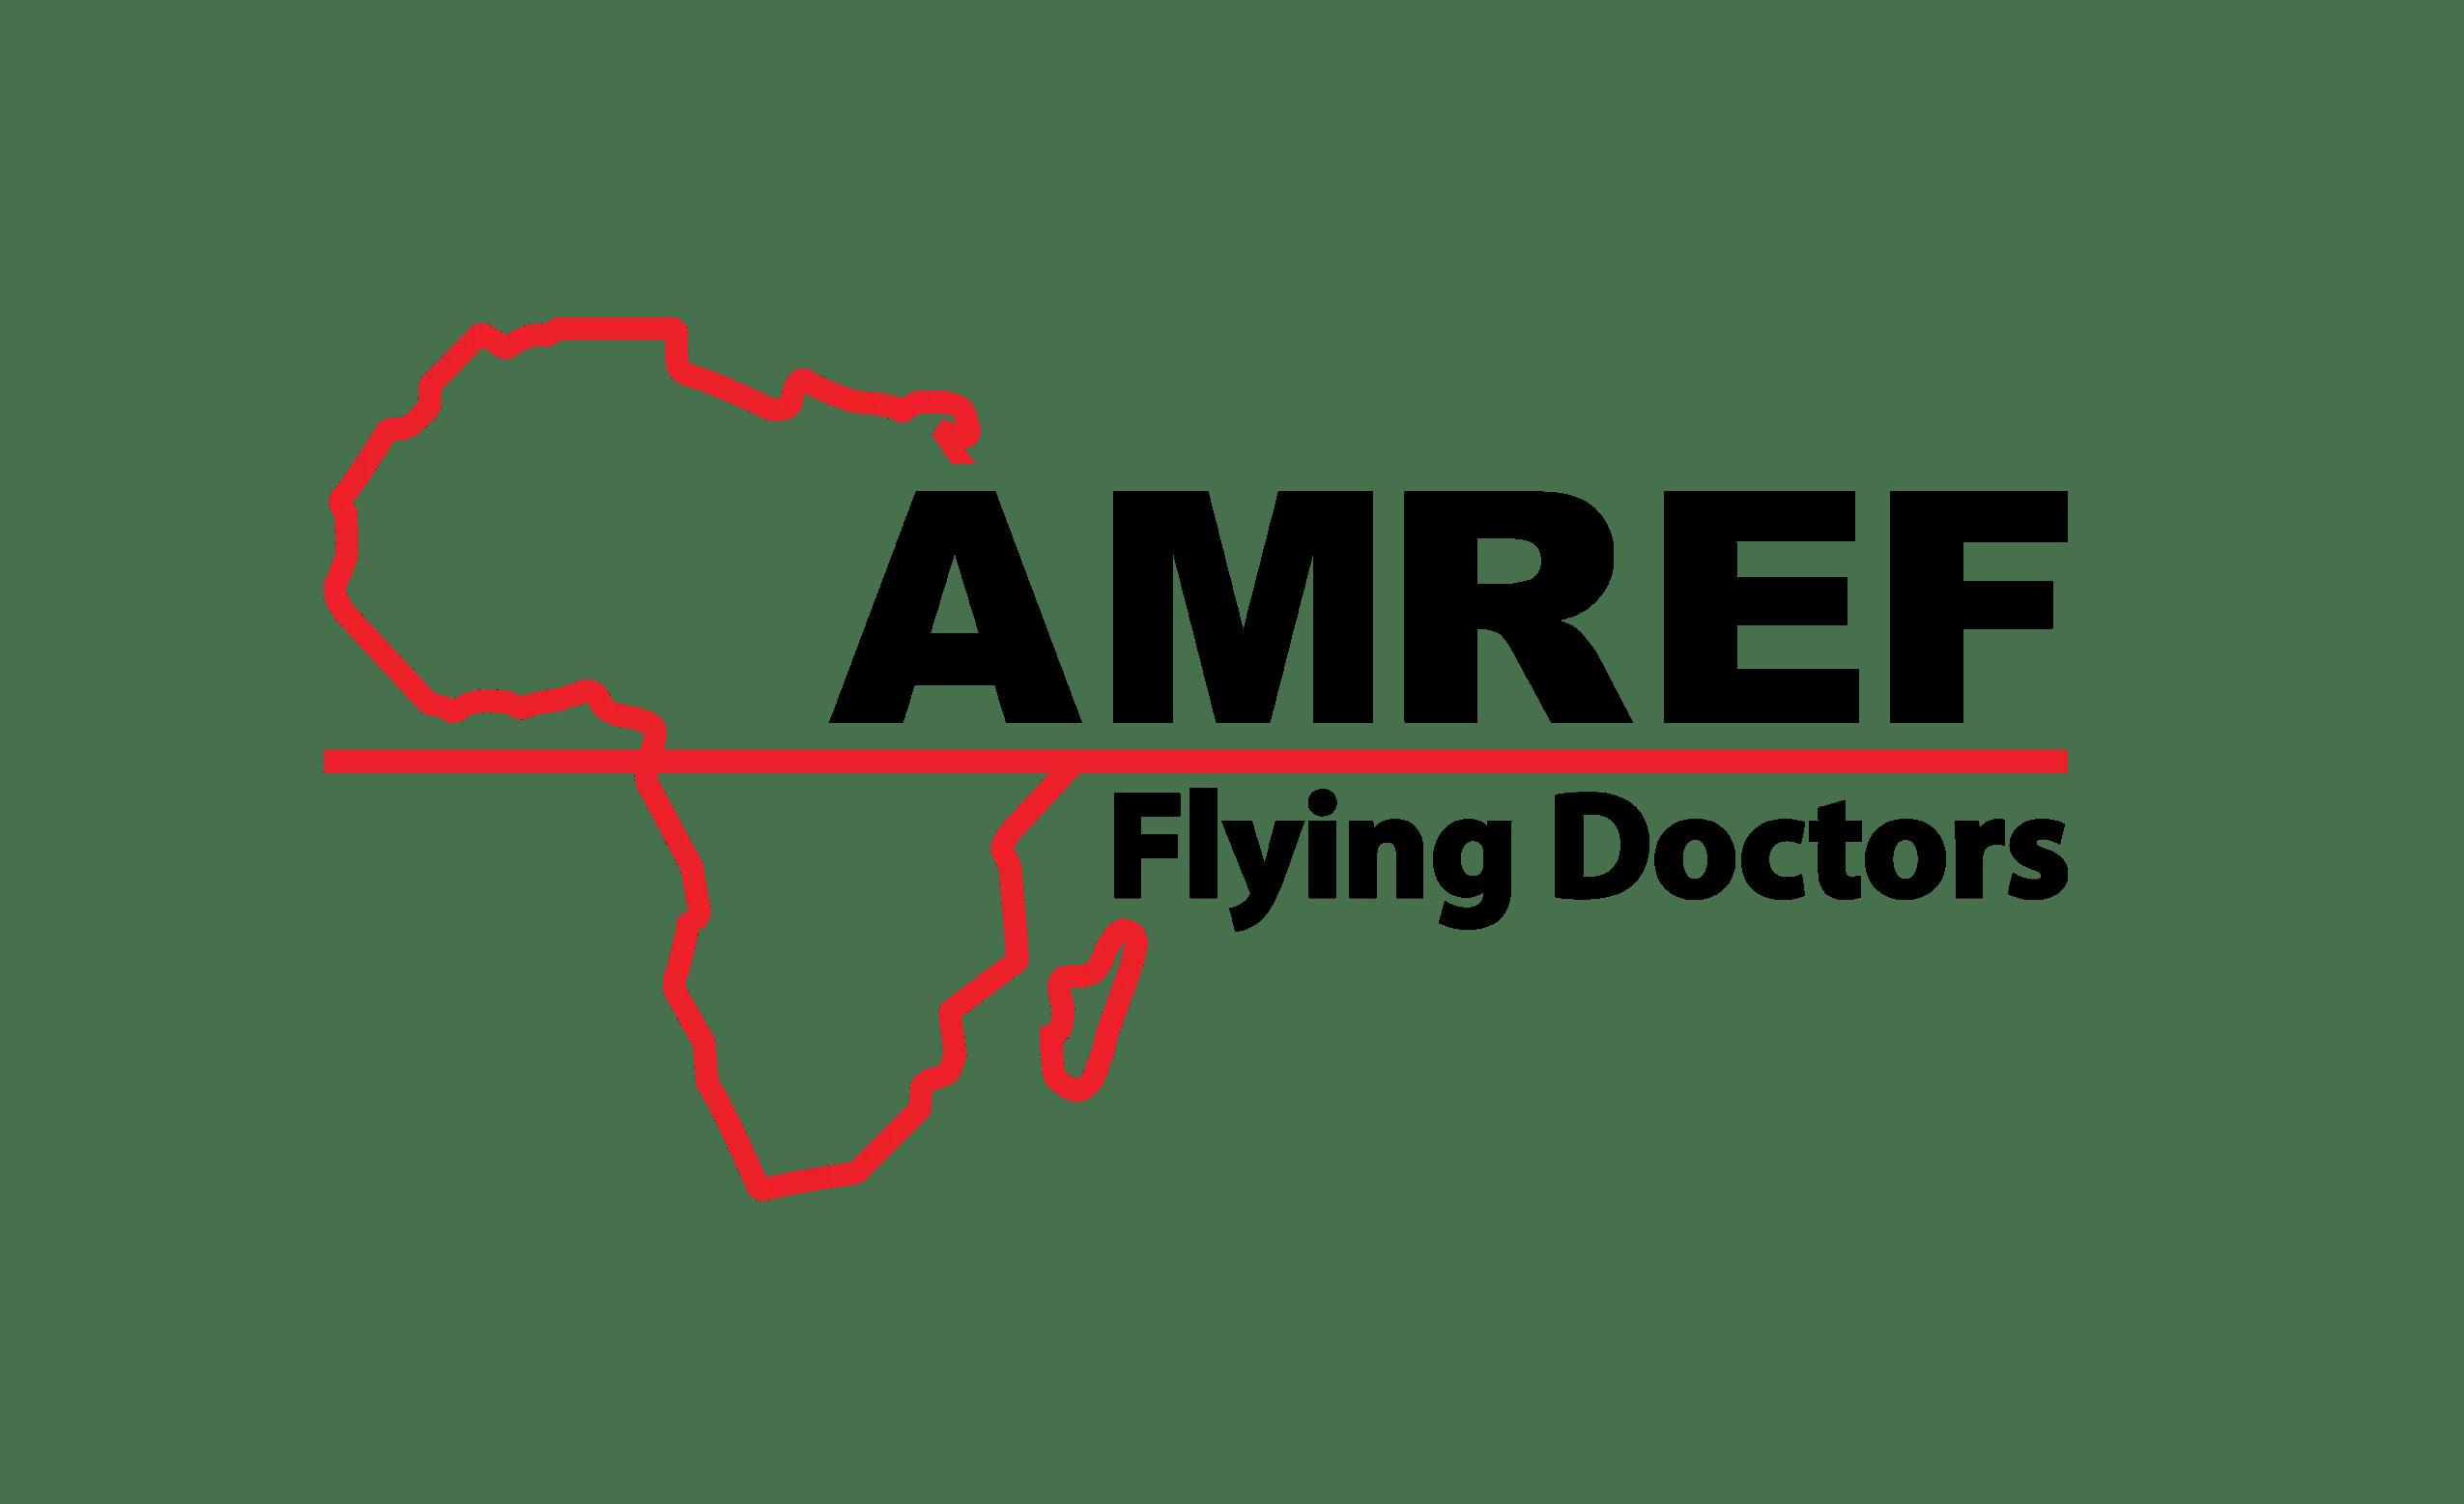 AMREF Flying Doctors Logo